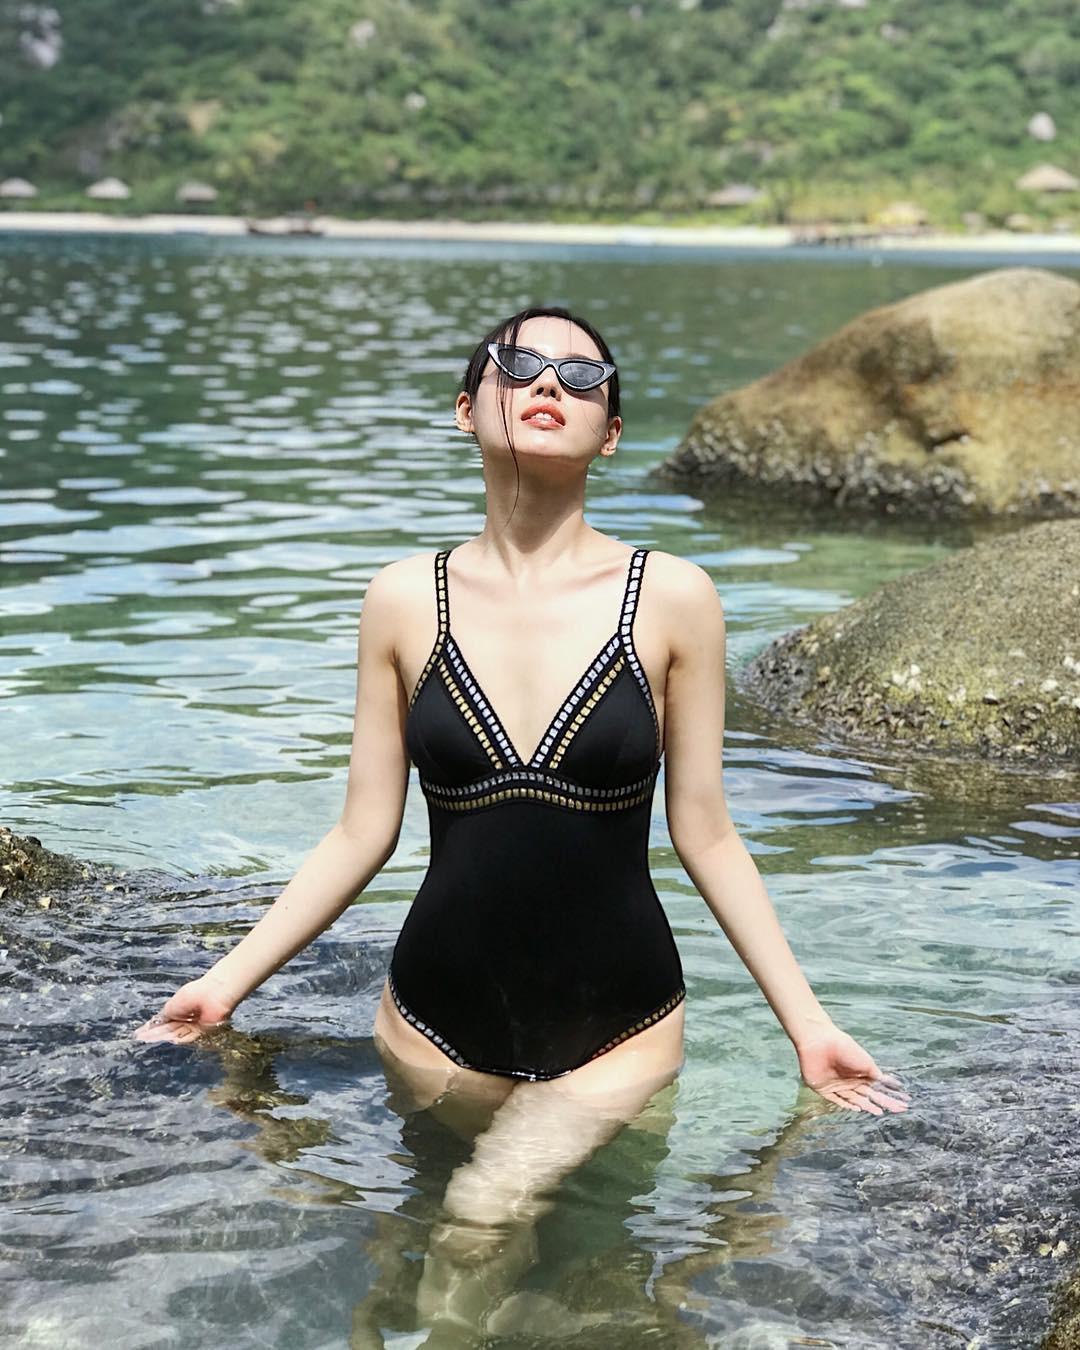 Chưa đến hè mà hot girl Việt đã sexy hết cỡ với bikini rồi! - Ảnh 6.